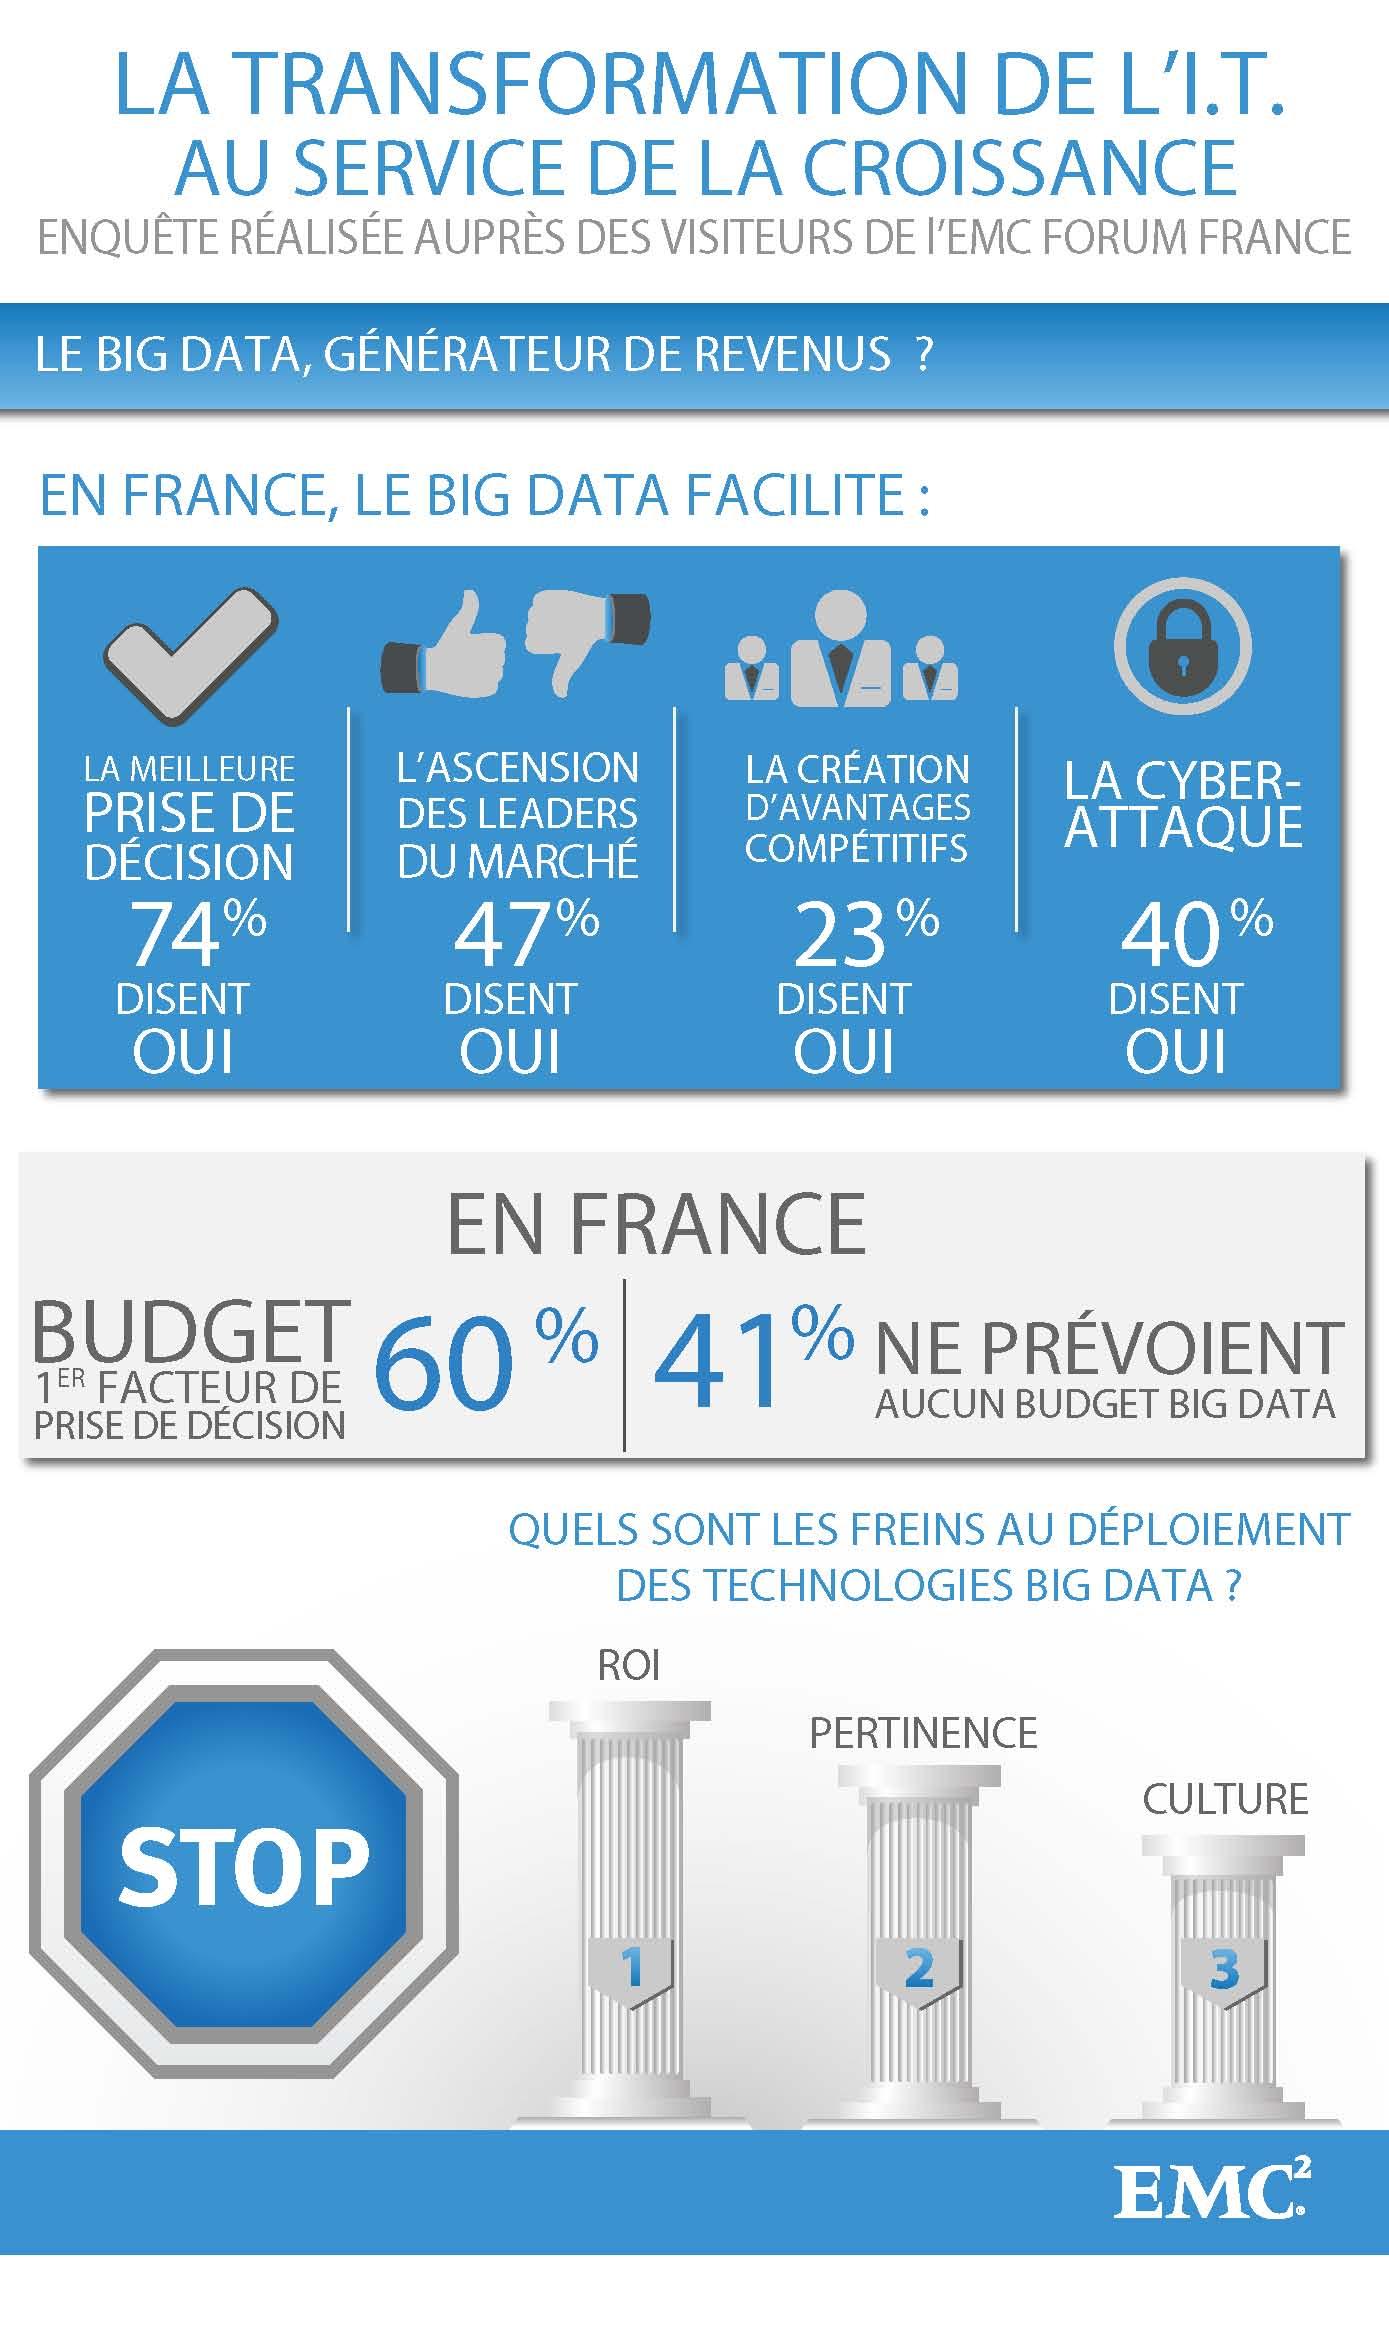 En France, le Big Data conduit, au final, à une prise de décision. On constate déjà un impact significatif sur la différentiation des entreprises à l'égard de la concurrence ainsi que leur capacité à éviter les risques.